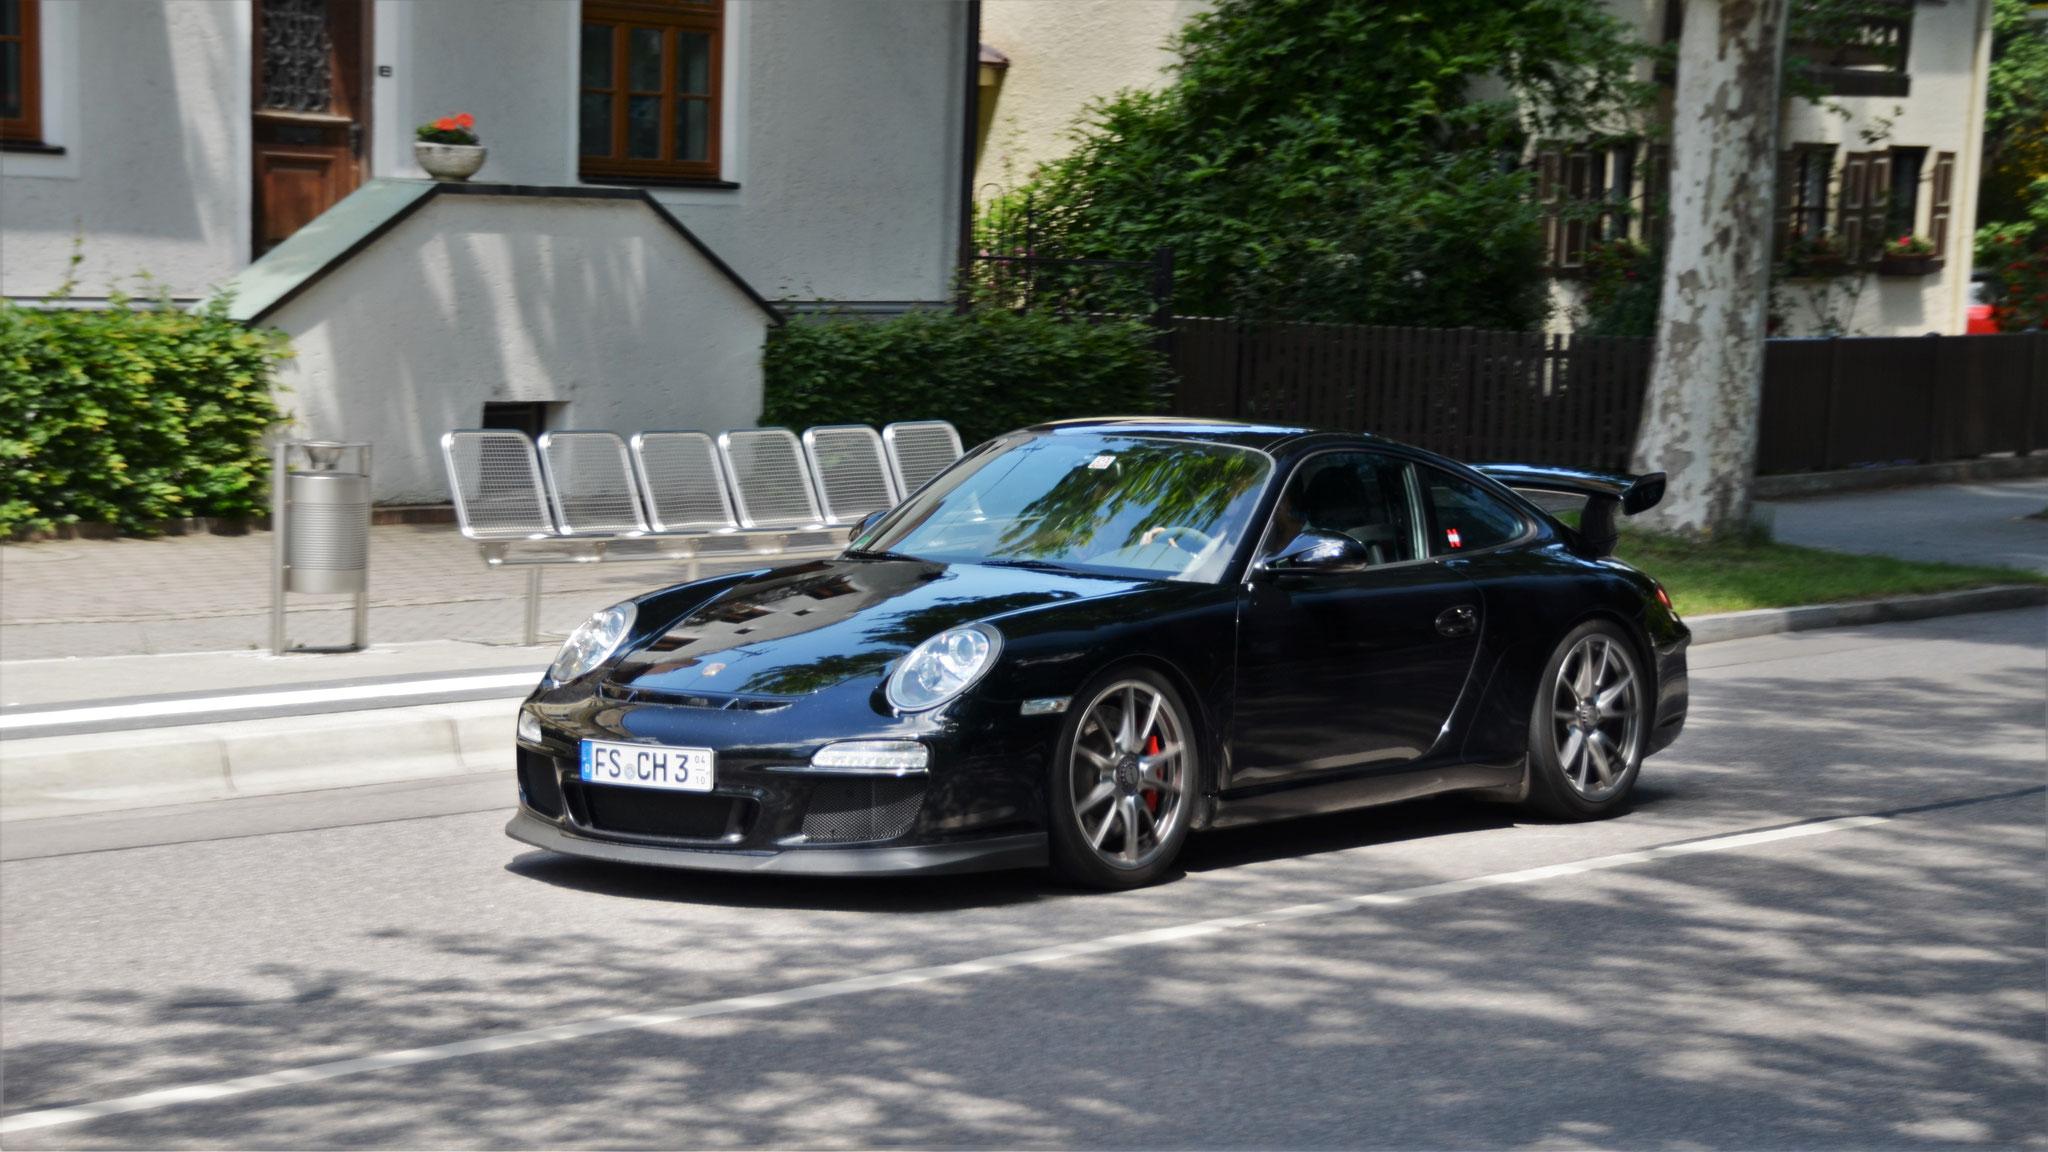 Porsche GT3 997 - FS-CH-3